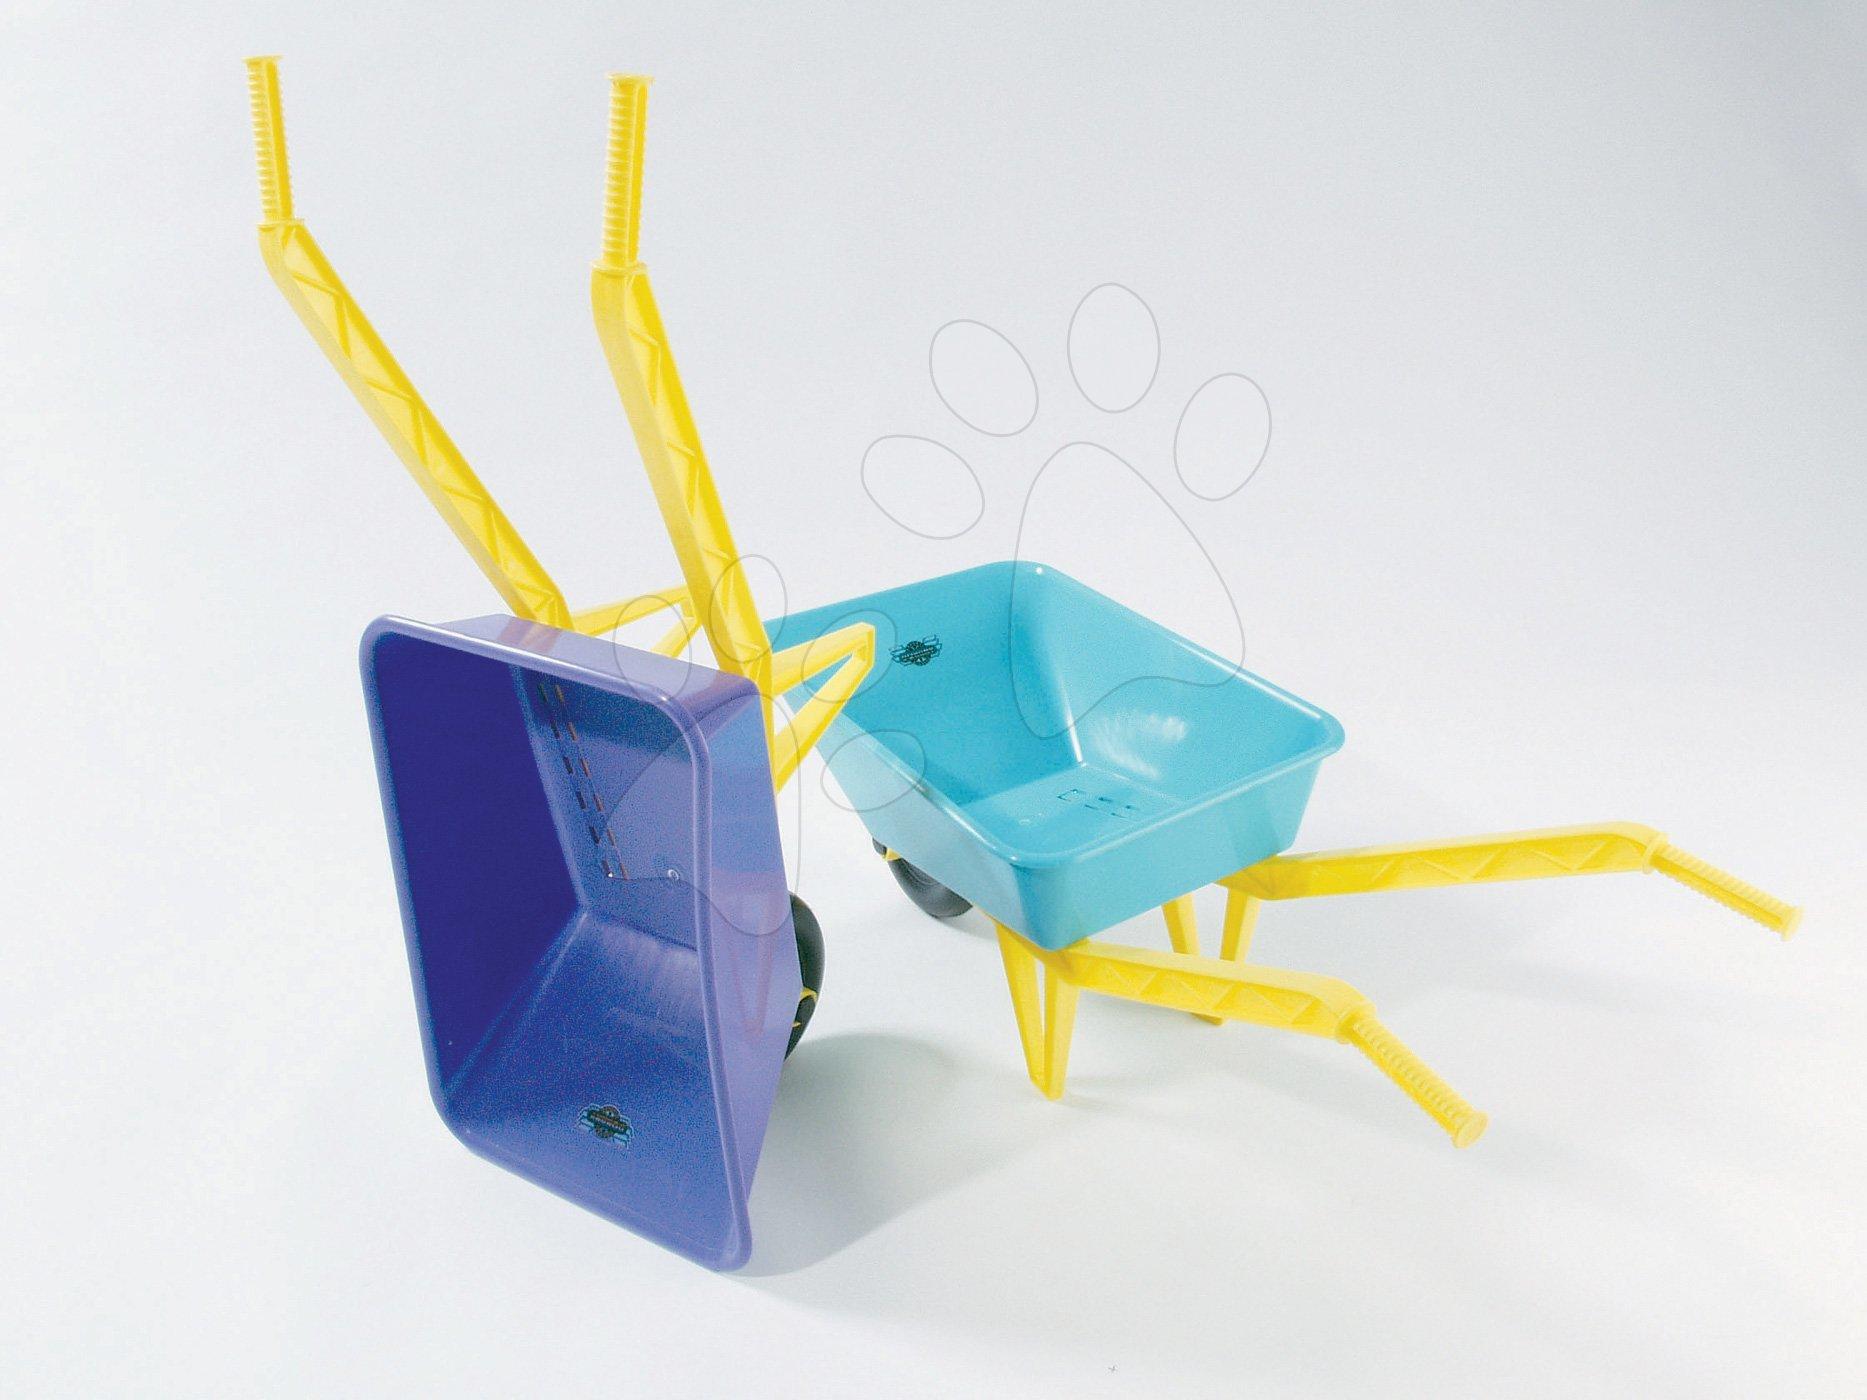 Kolečko Dohány modré/tyrkysové